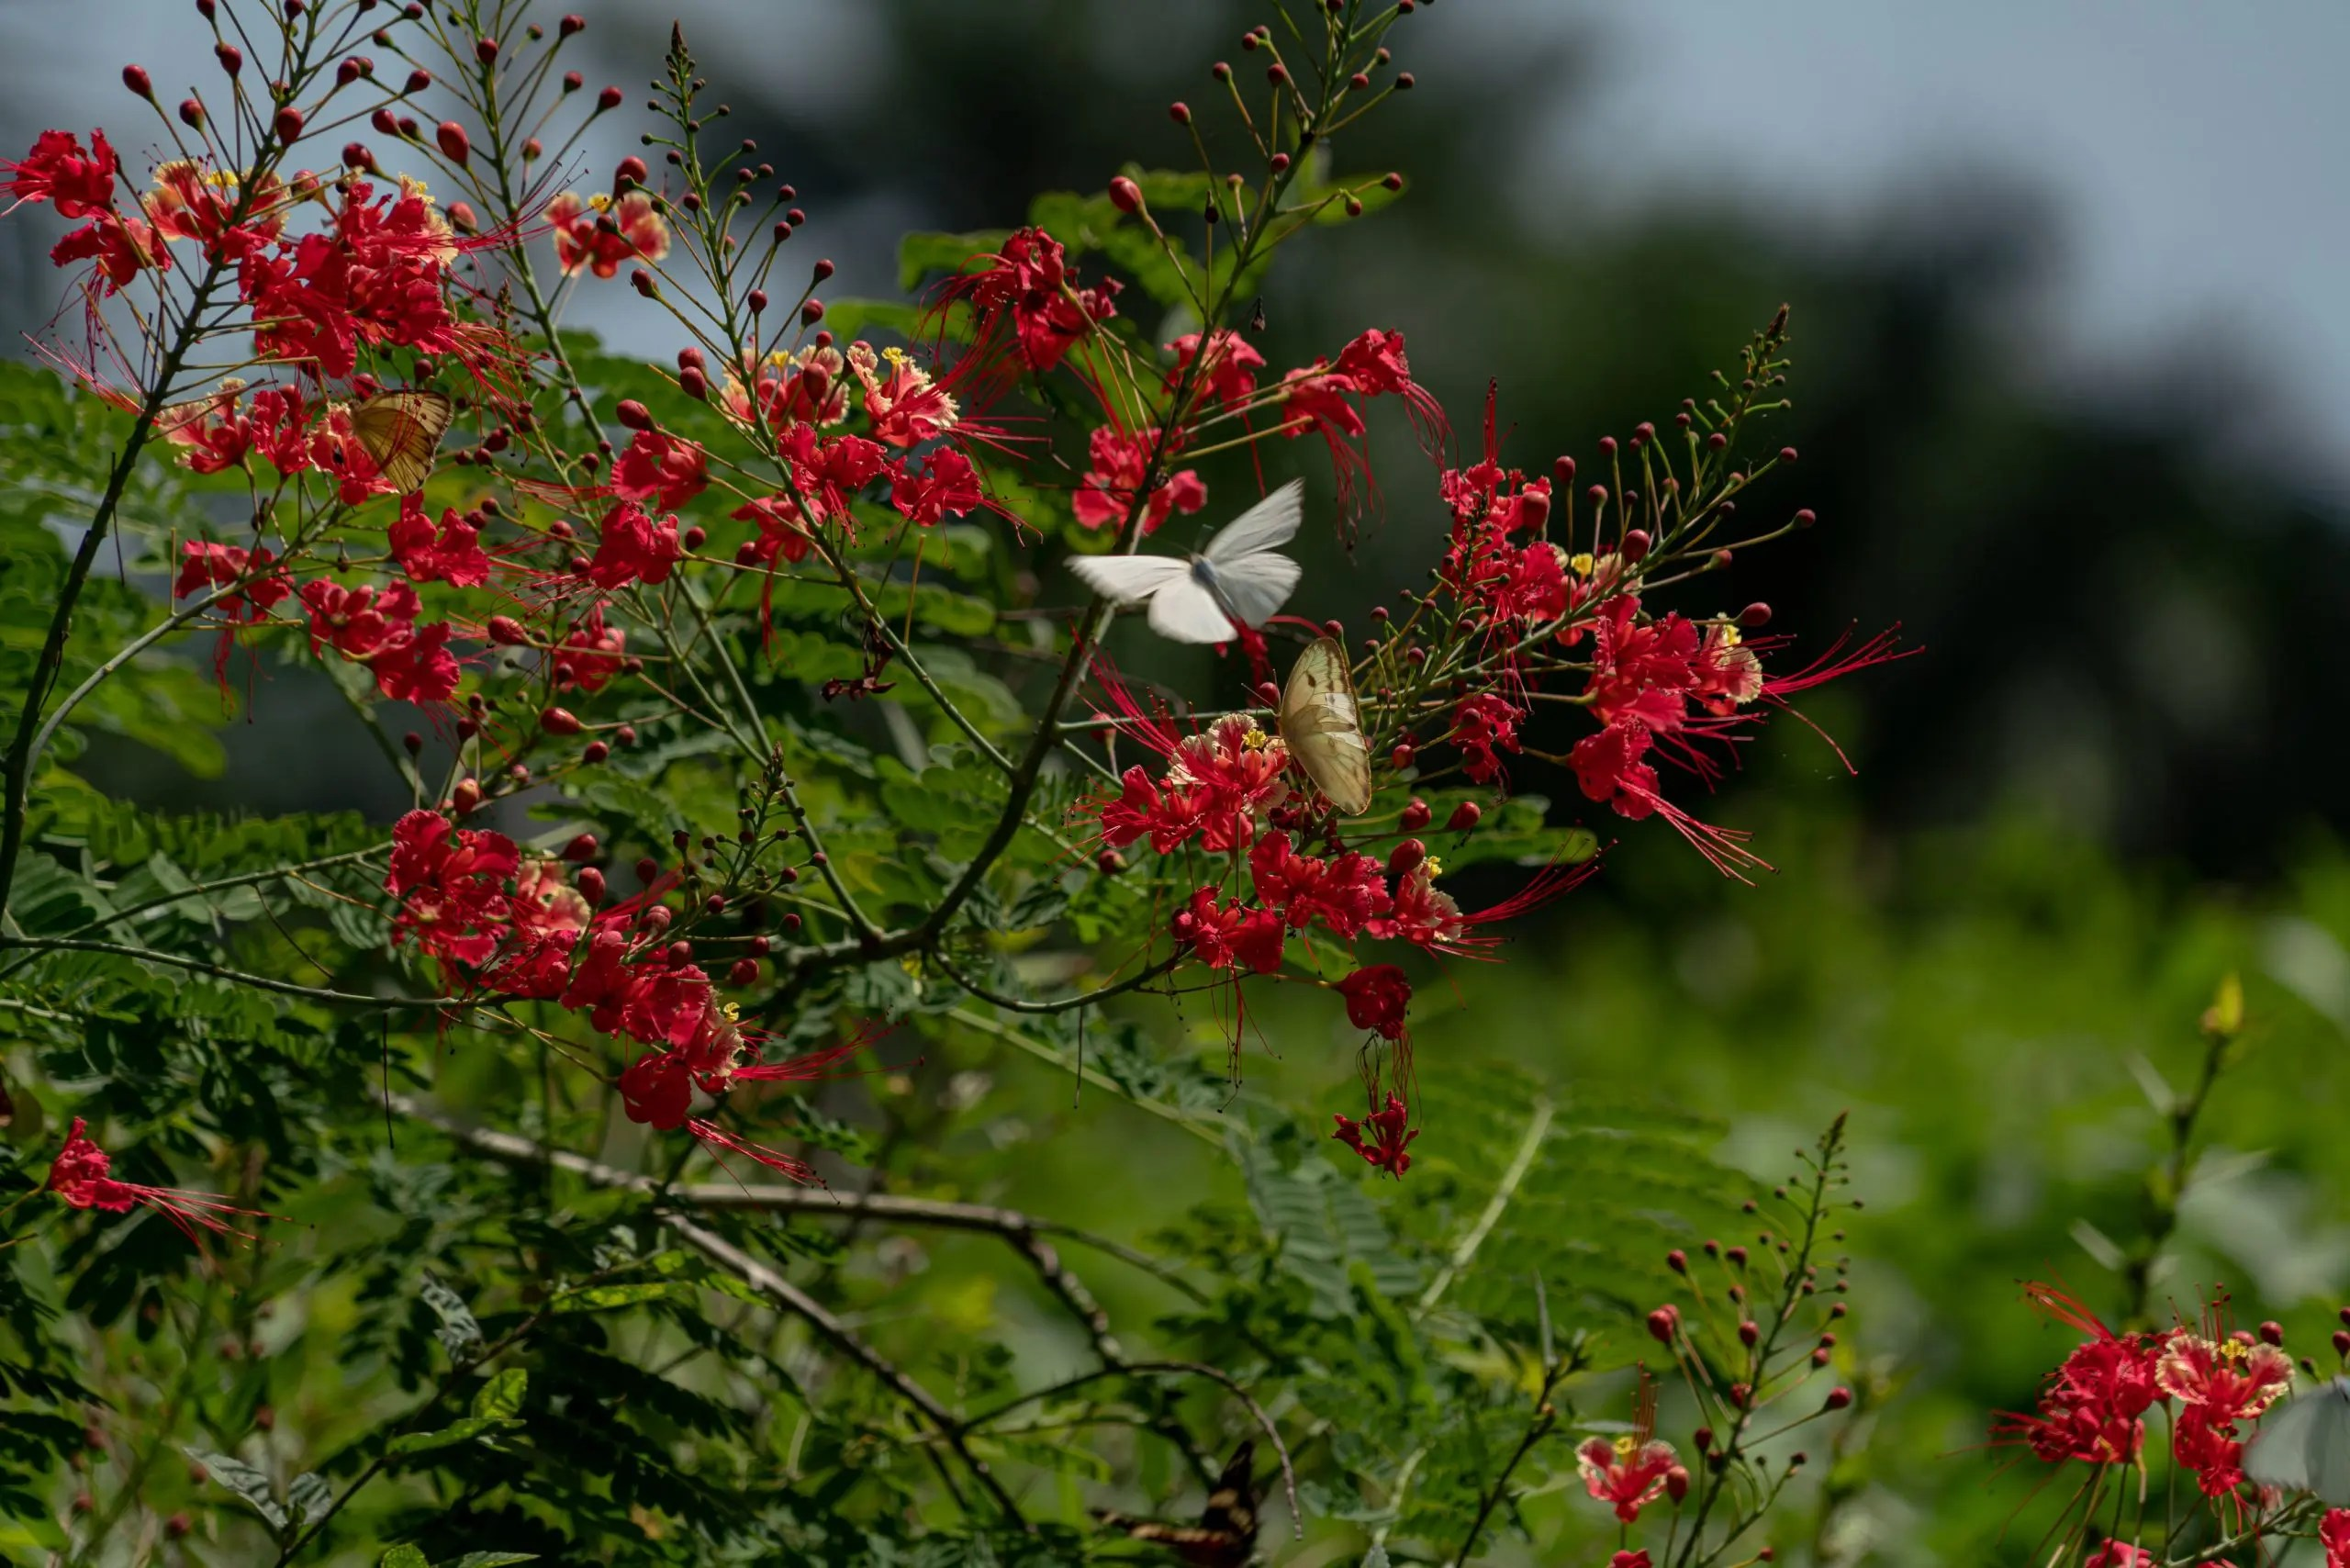 Diversidad biológica, mariposa en flores. Hugo Molina Botran